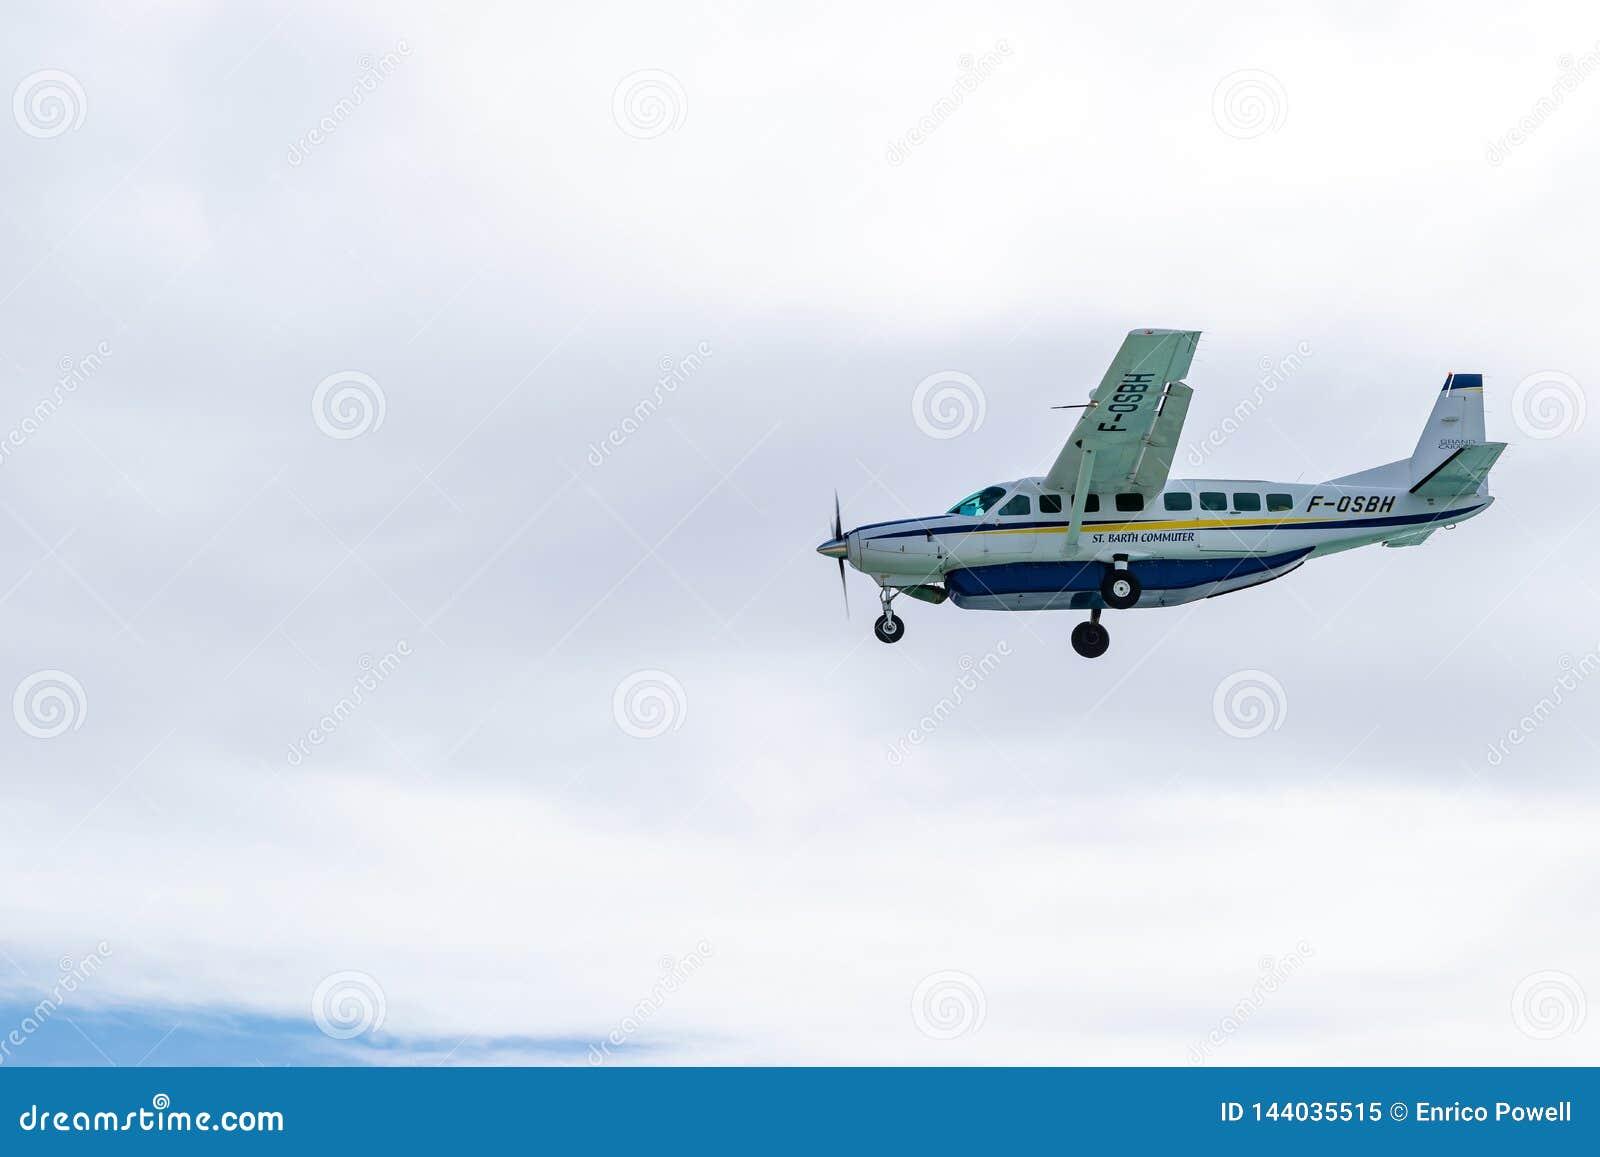 Αεροσκάφη φ-OSBH, ένα περιφερειακό επιβατηγό αεροσκάφος κατόχων διαρκούς εισιτήριου του ST Barth τροχόσπιτων Cessna 208B μεγάλο